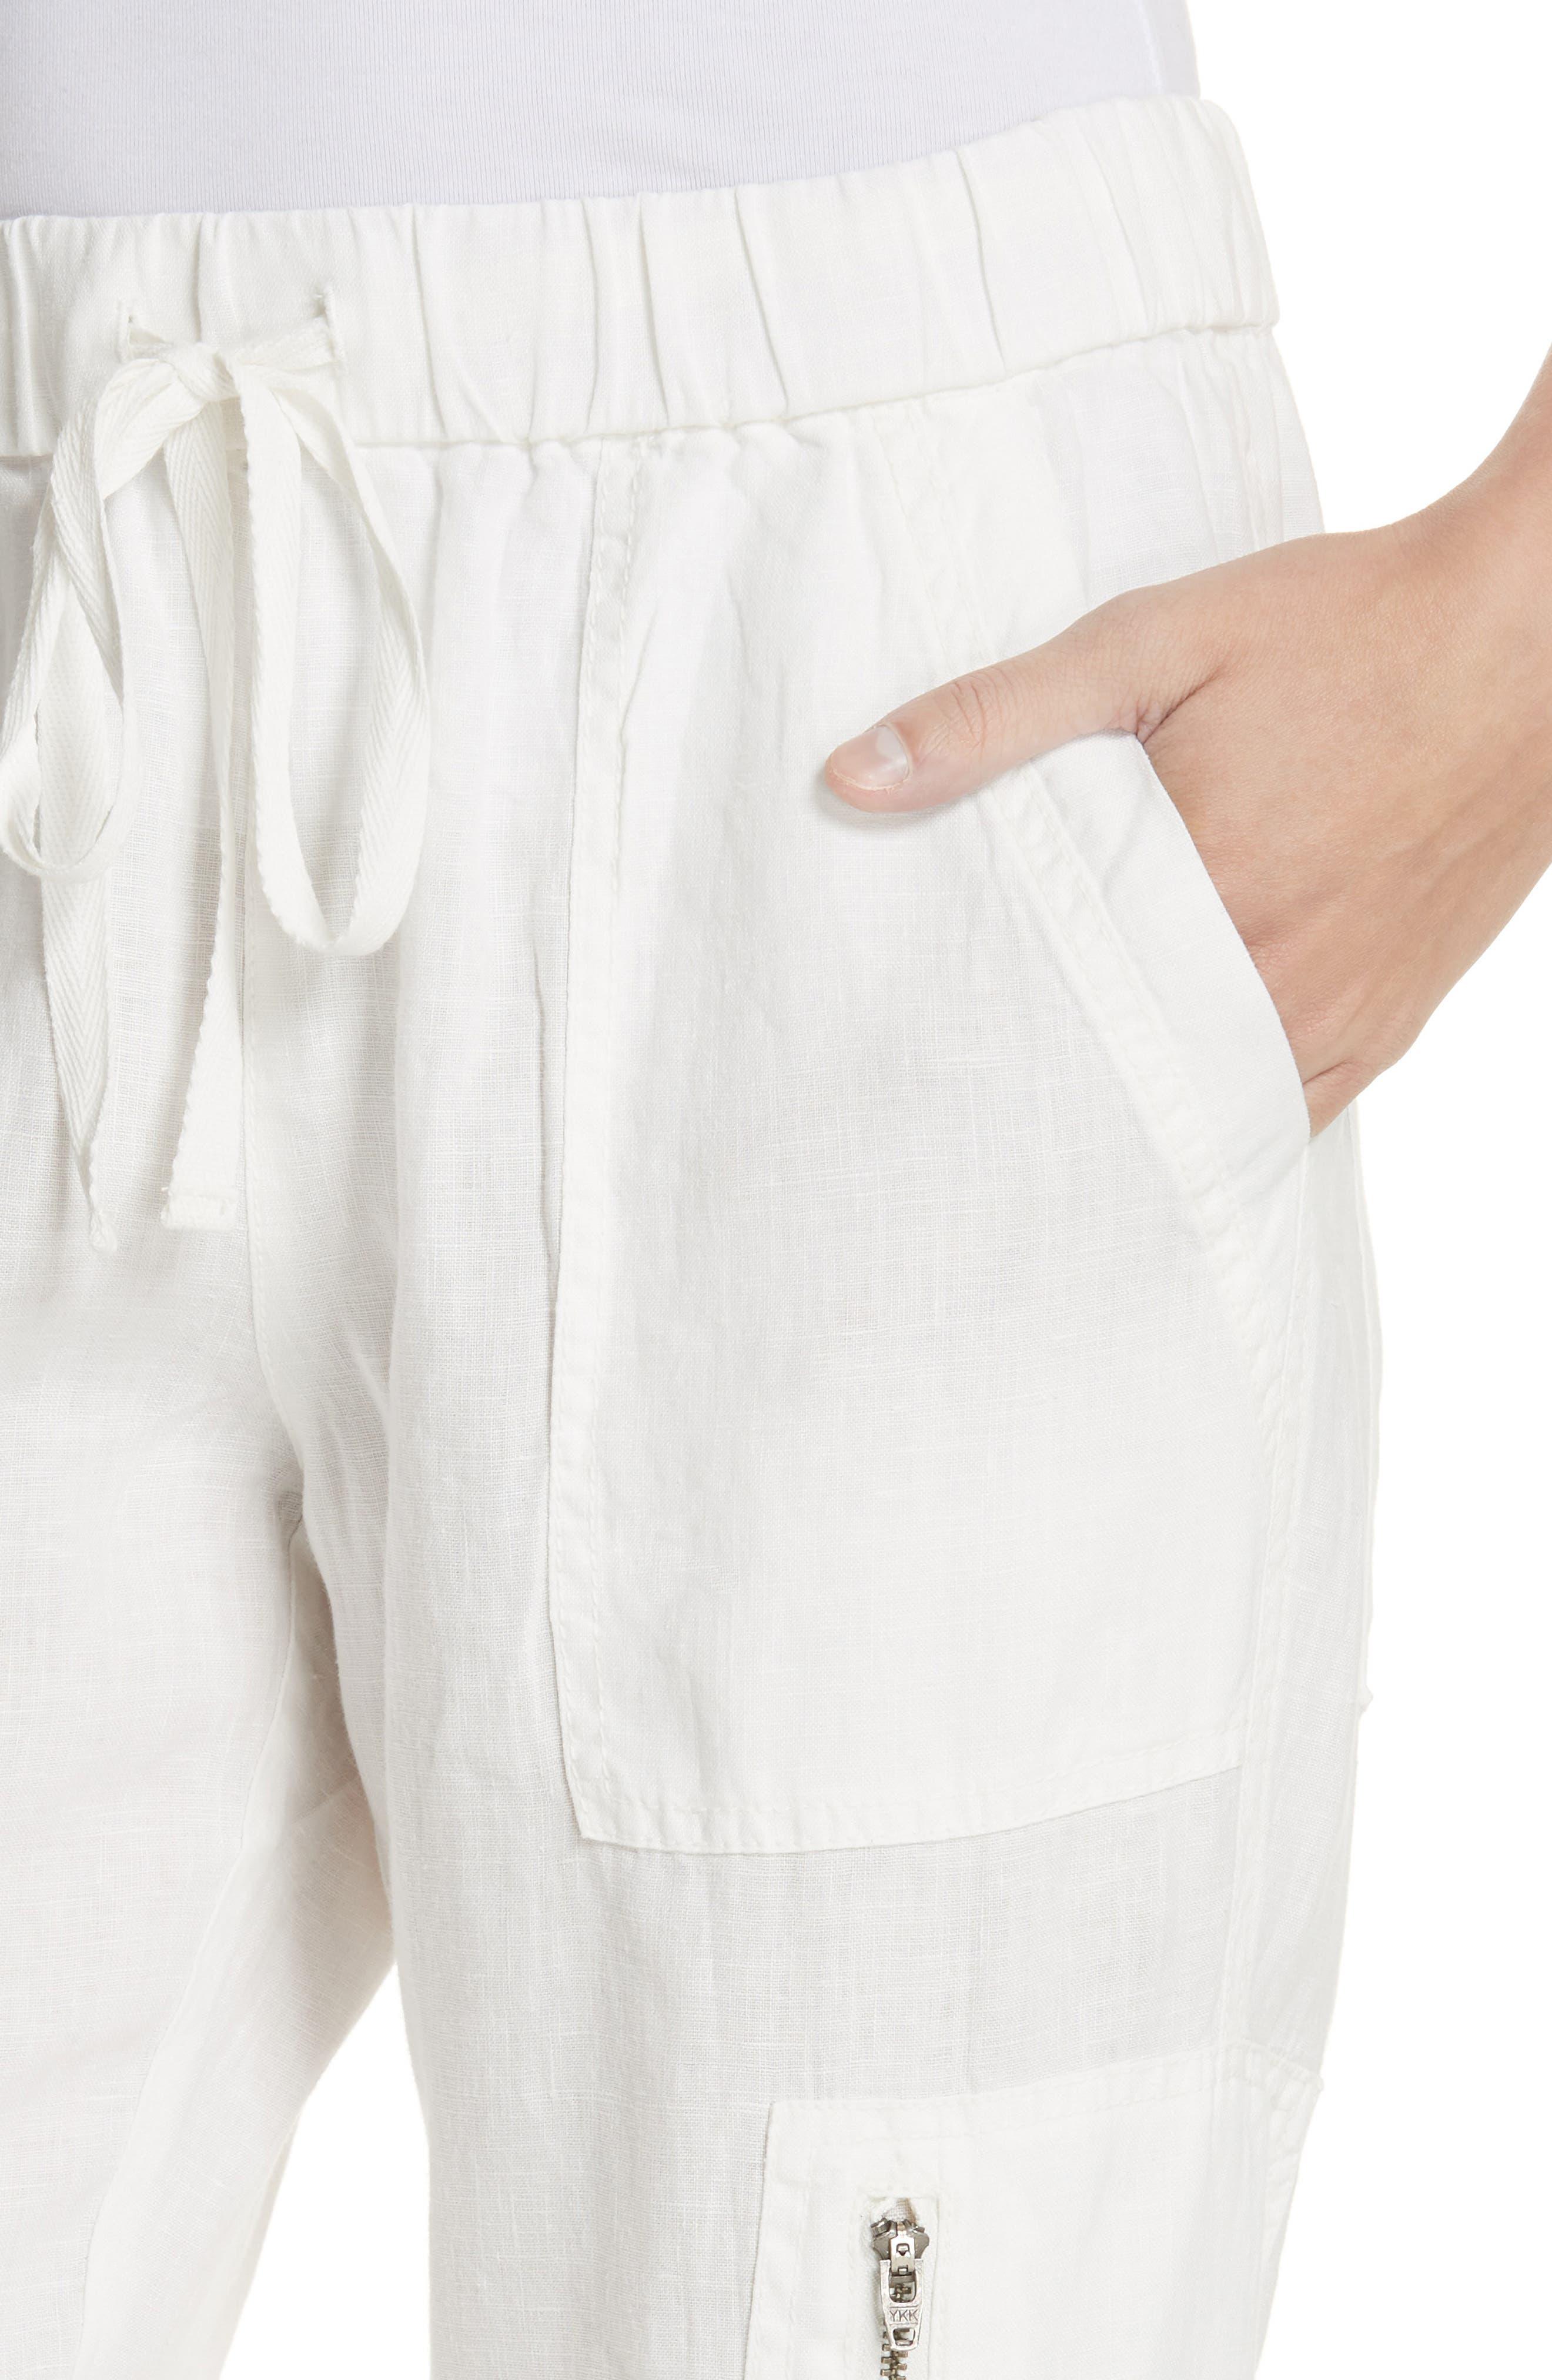 Florimel Crop Linen Jogger Pants,                             Alternate thumbnail 4, color,                             Porcelain